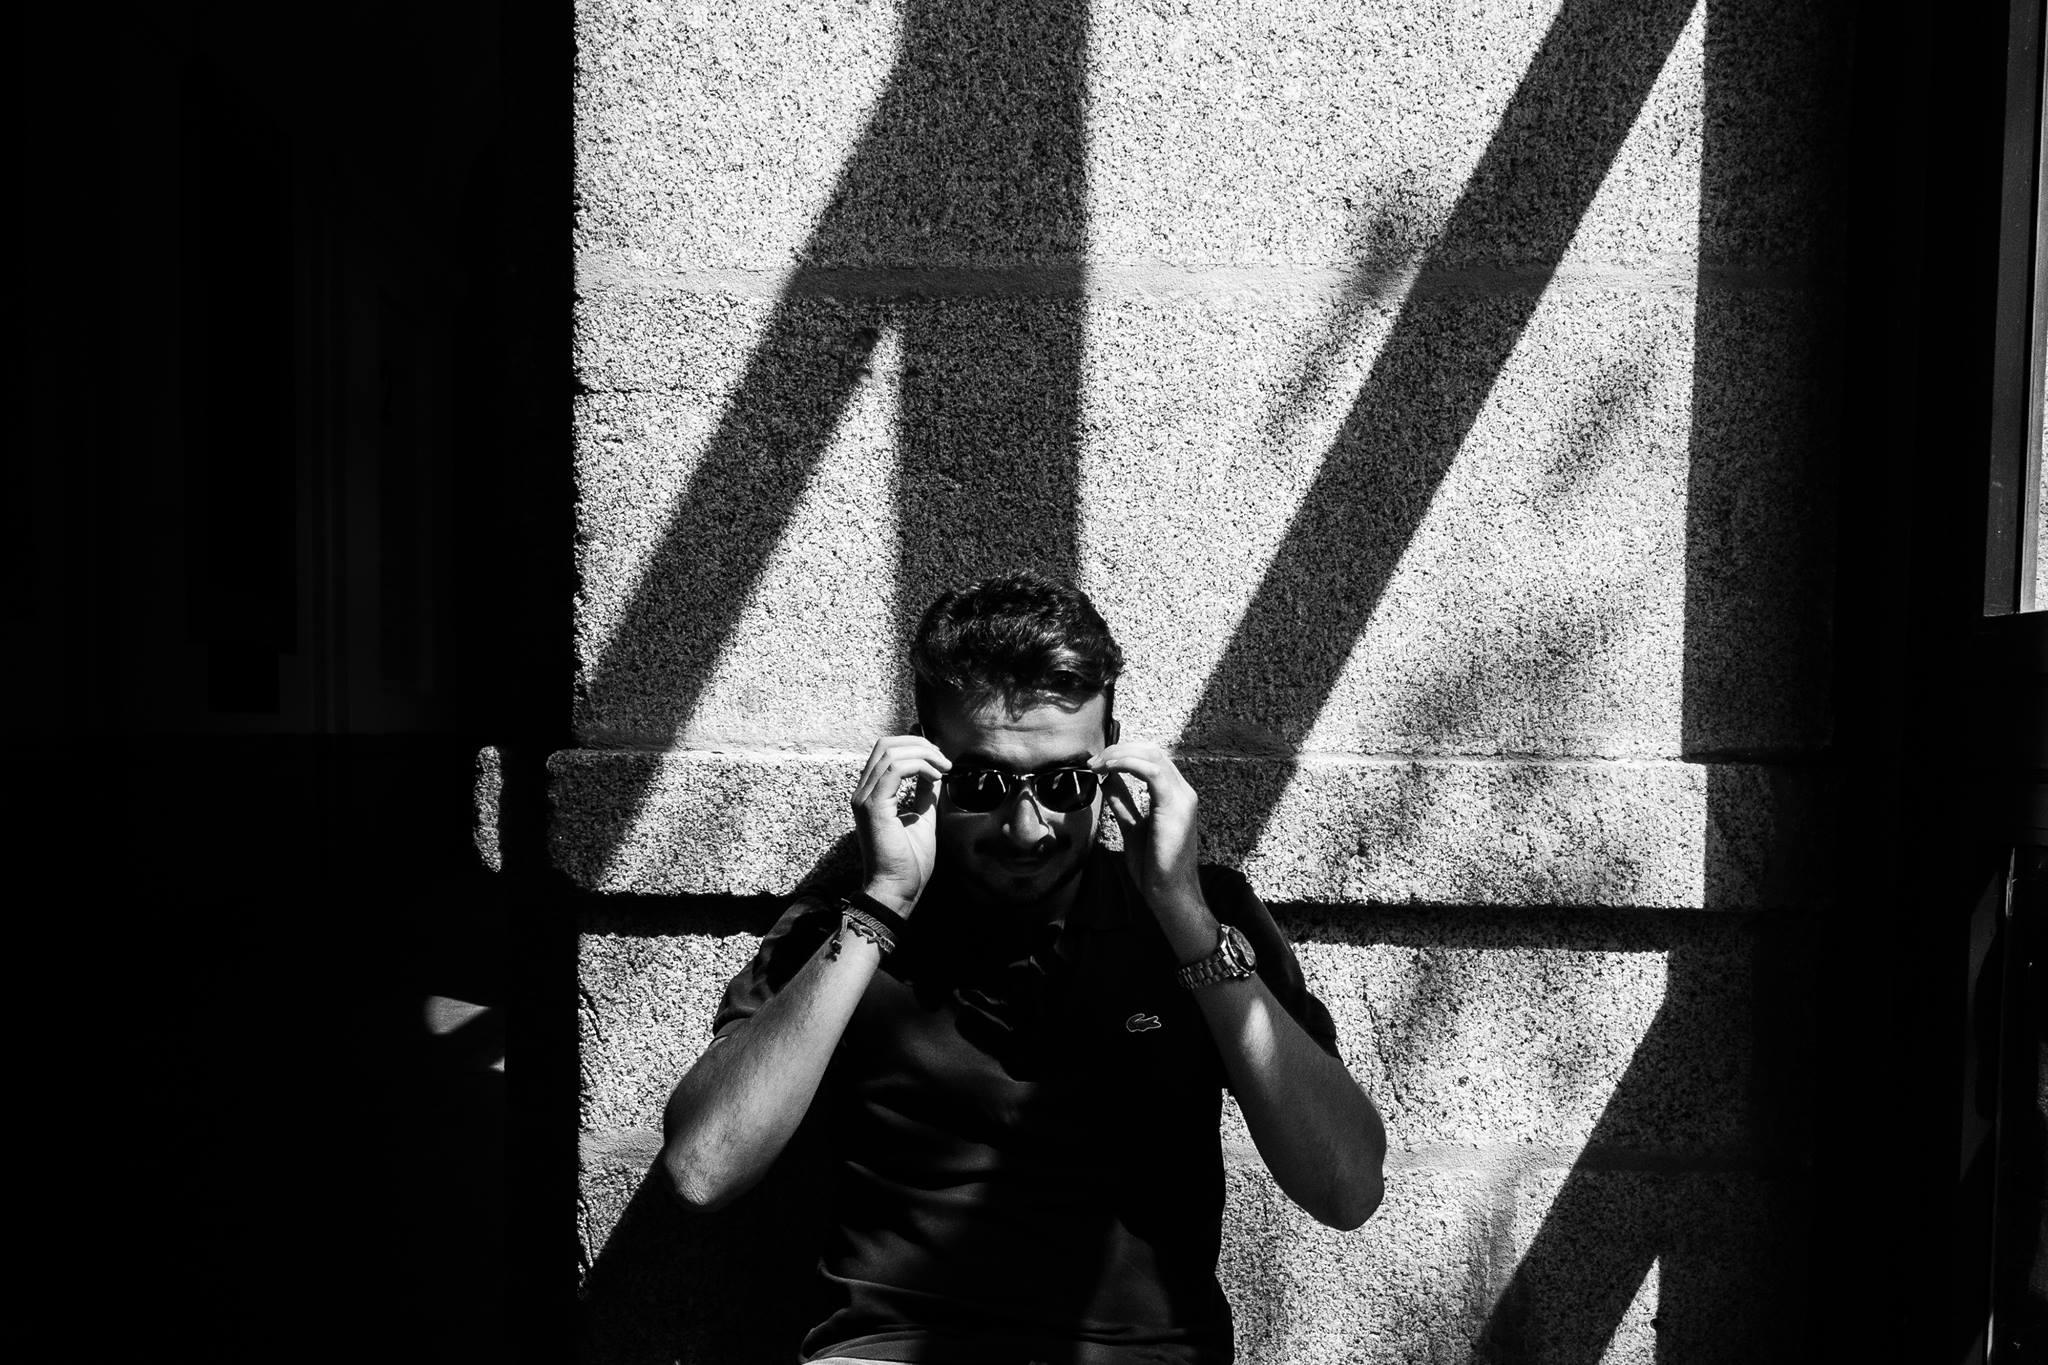 Federico Verzi  Fotografo     Cosa mi piace: Il daily mix di spotify, il rumore dei treni, guardare gli aerei in rotta e immaginarne la destinazione, la Juve e fare le valigie.      Cosa non mi piace: La pubblicità su Youtube, i calzini colorati.